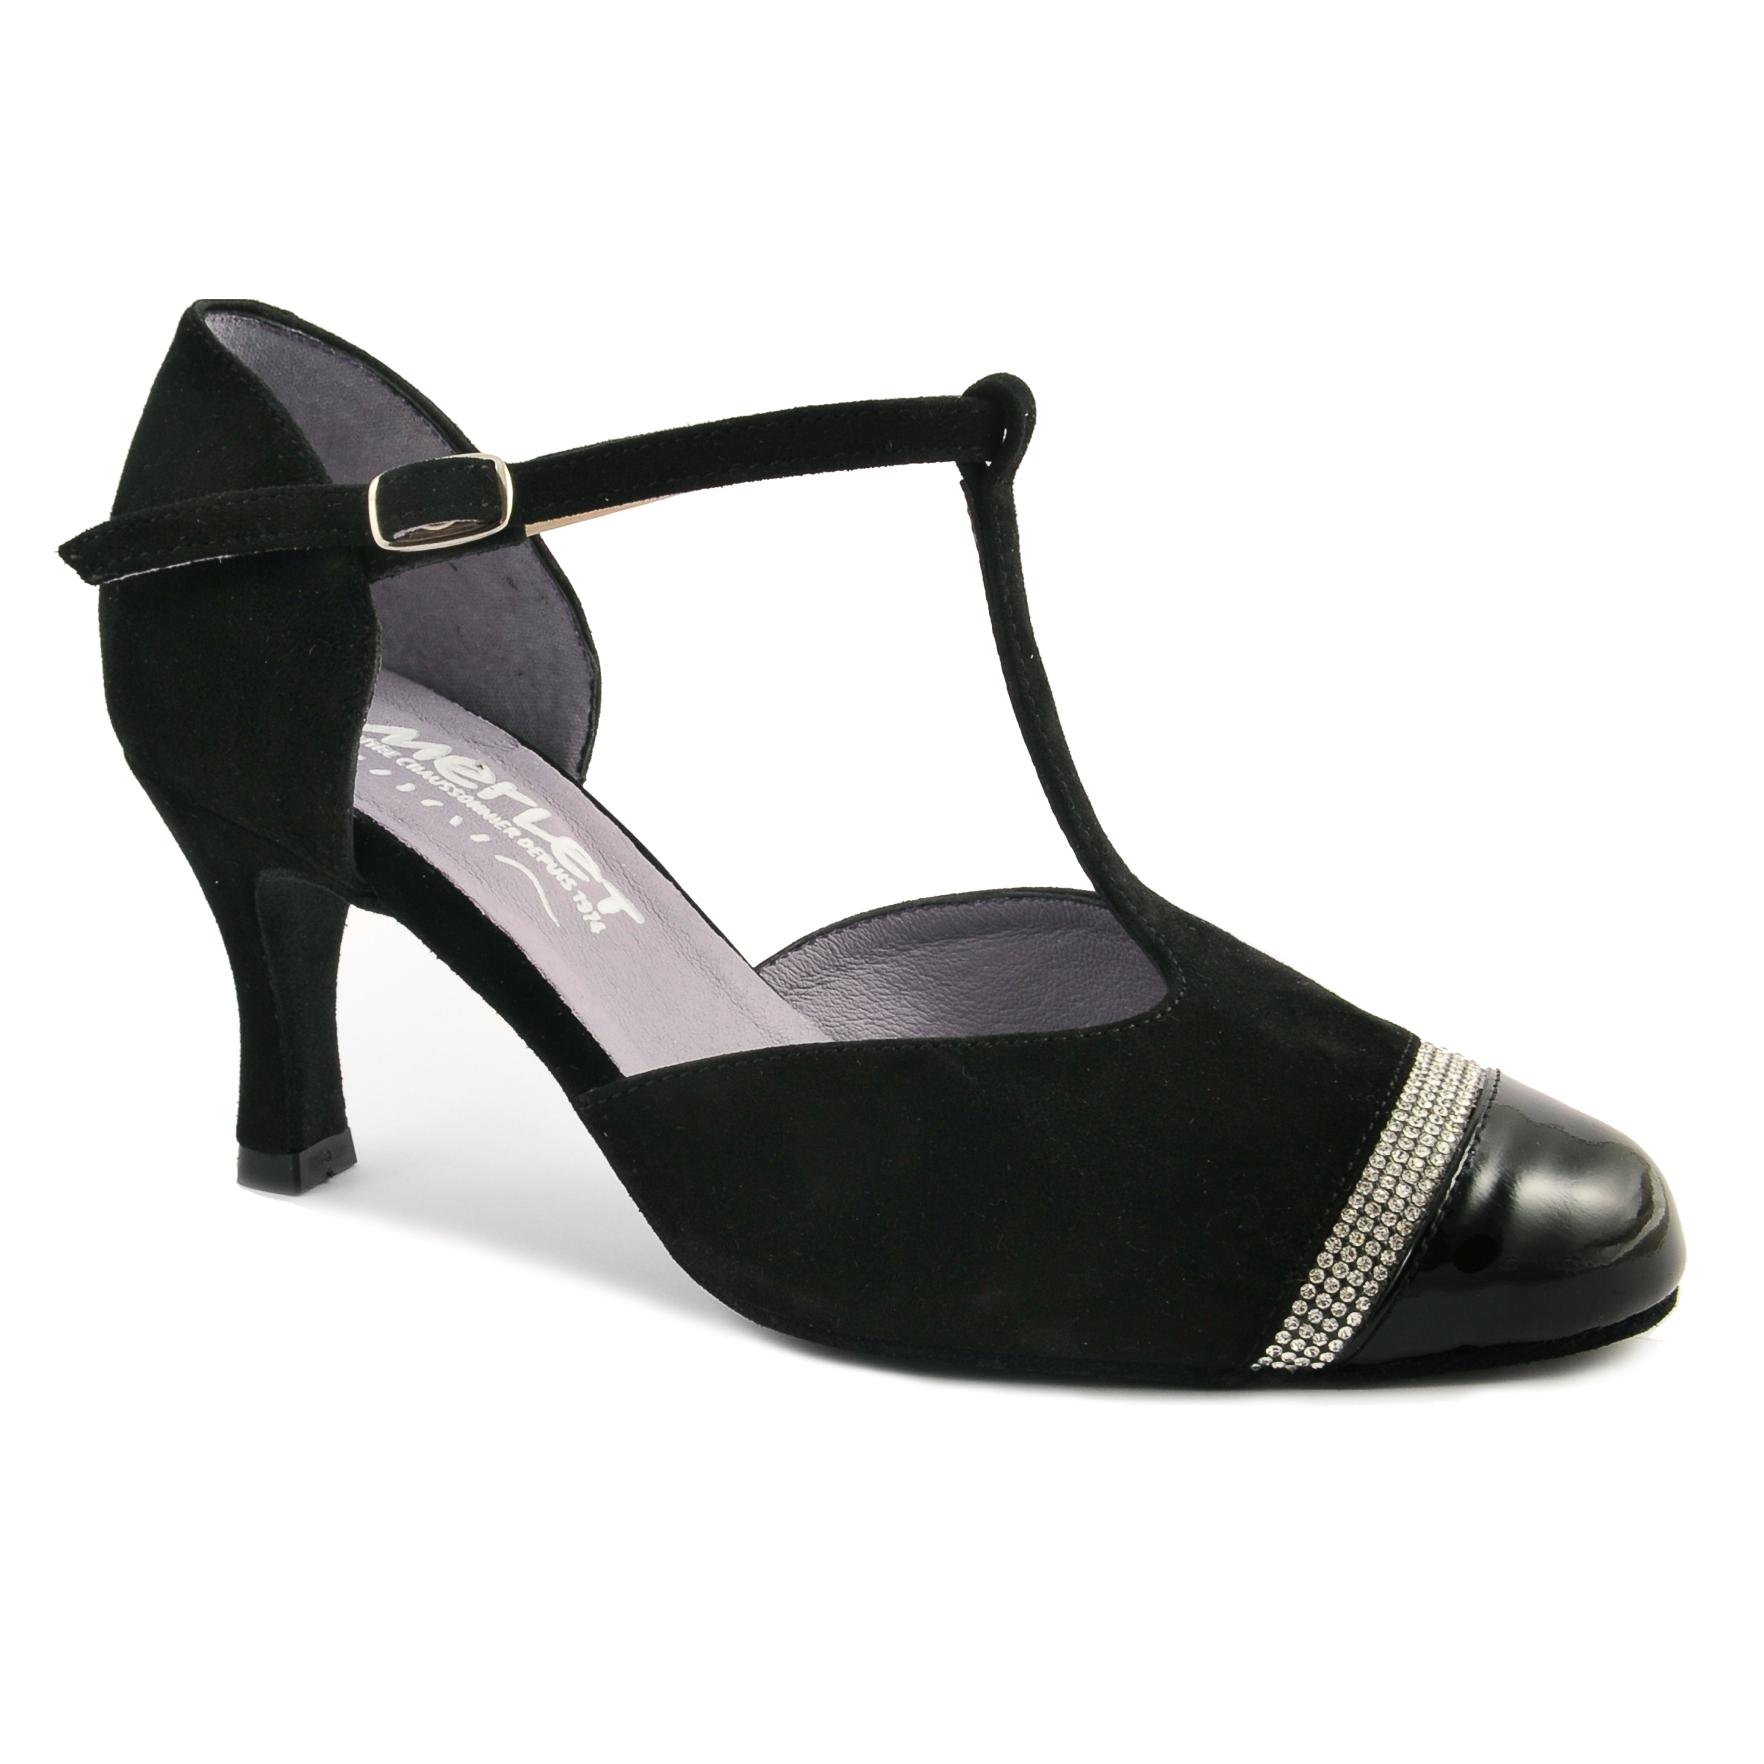 Chaussure de danses de salon MERLET NABEL, daim /vernis noir, strass, modèle fermé, semelle daim, talon 6 cm.